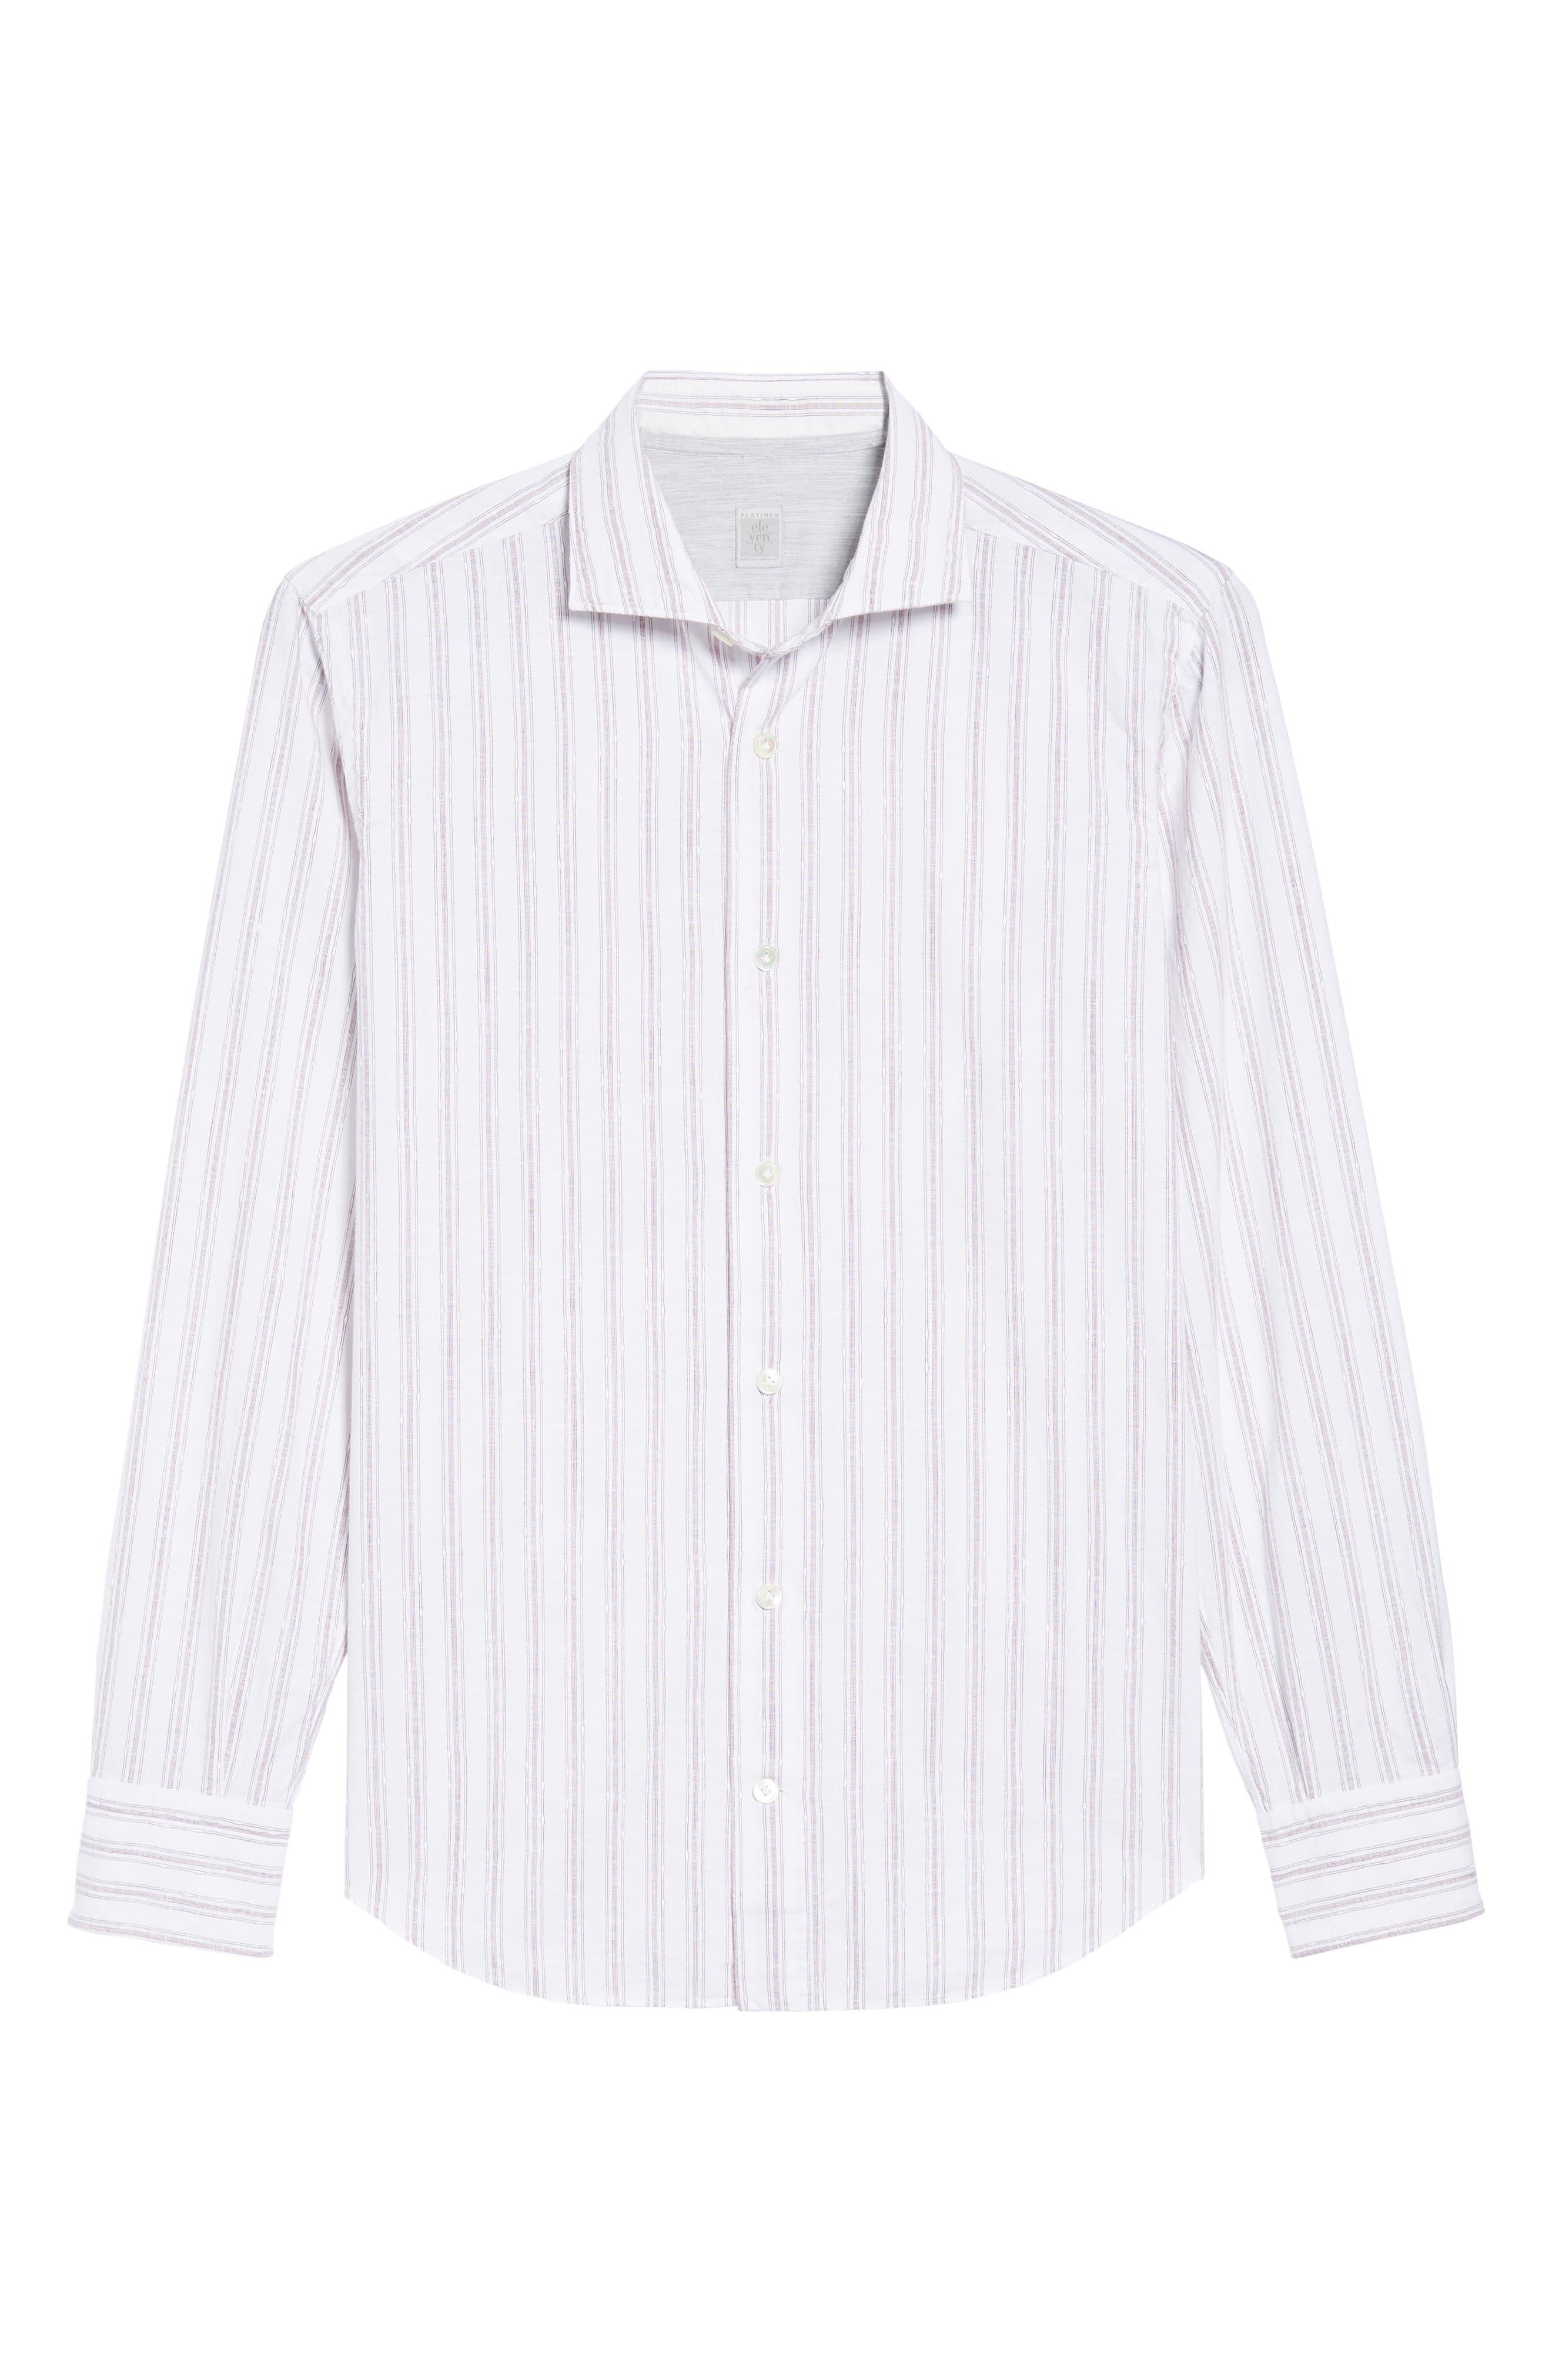 Aubergine Stripe Sport Shirt,                             Alternate thumbnail 6, color,                             White